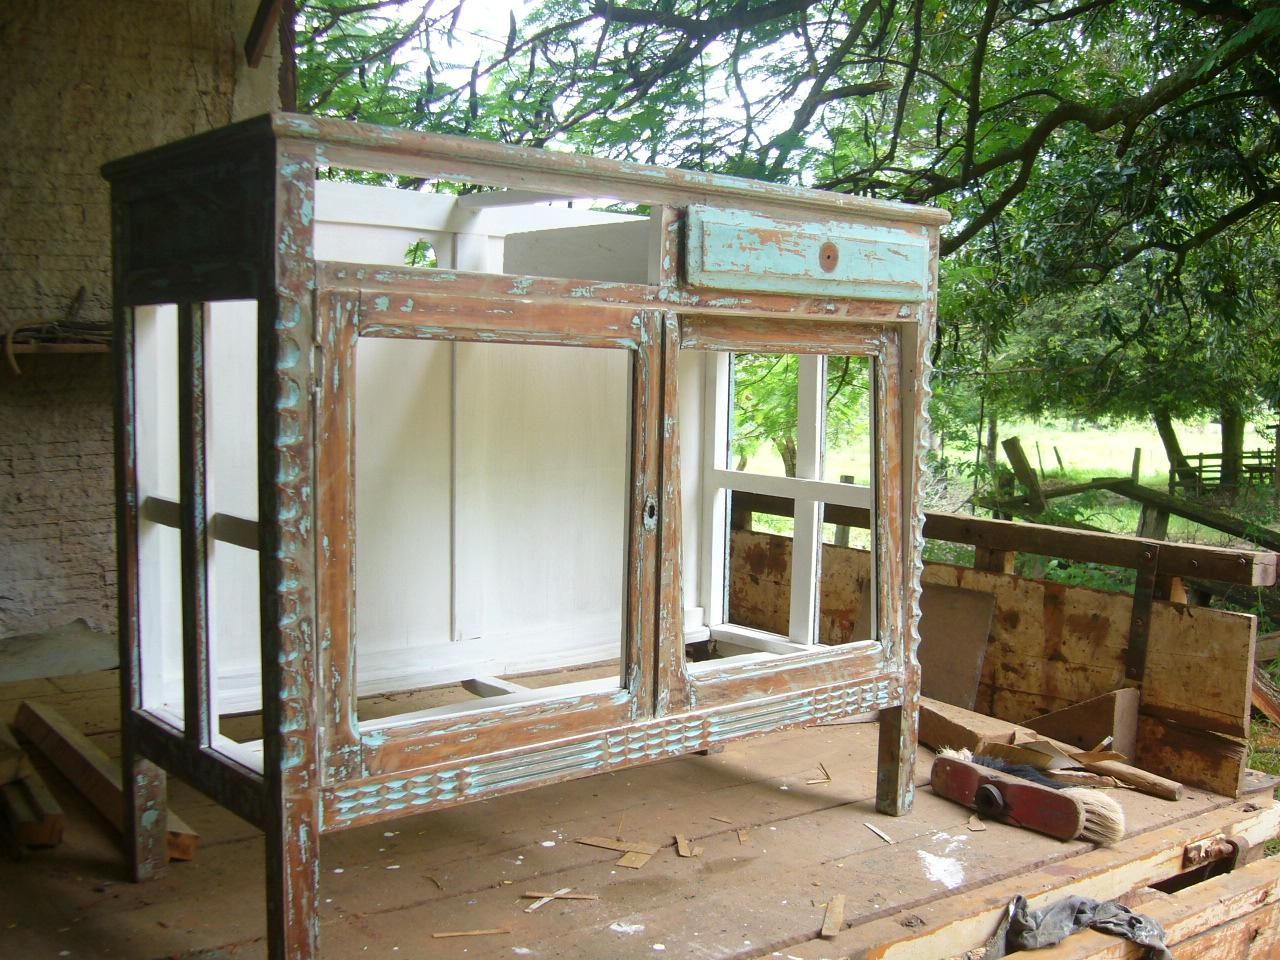 Ana Caldatto : Peças de demolição e móveis antigo uma paixão! #61492B 1280 960